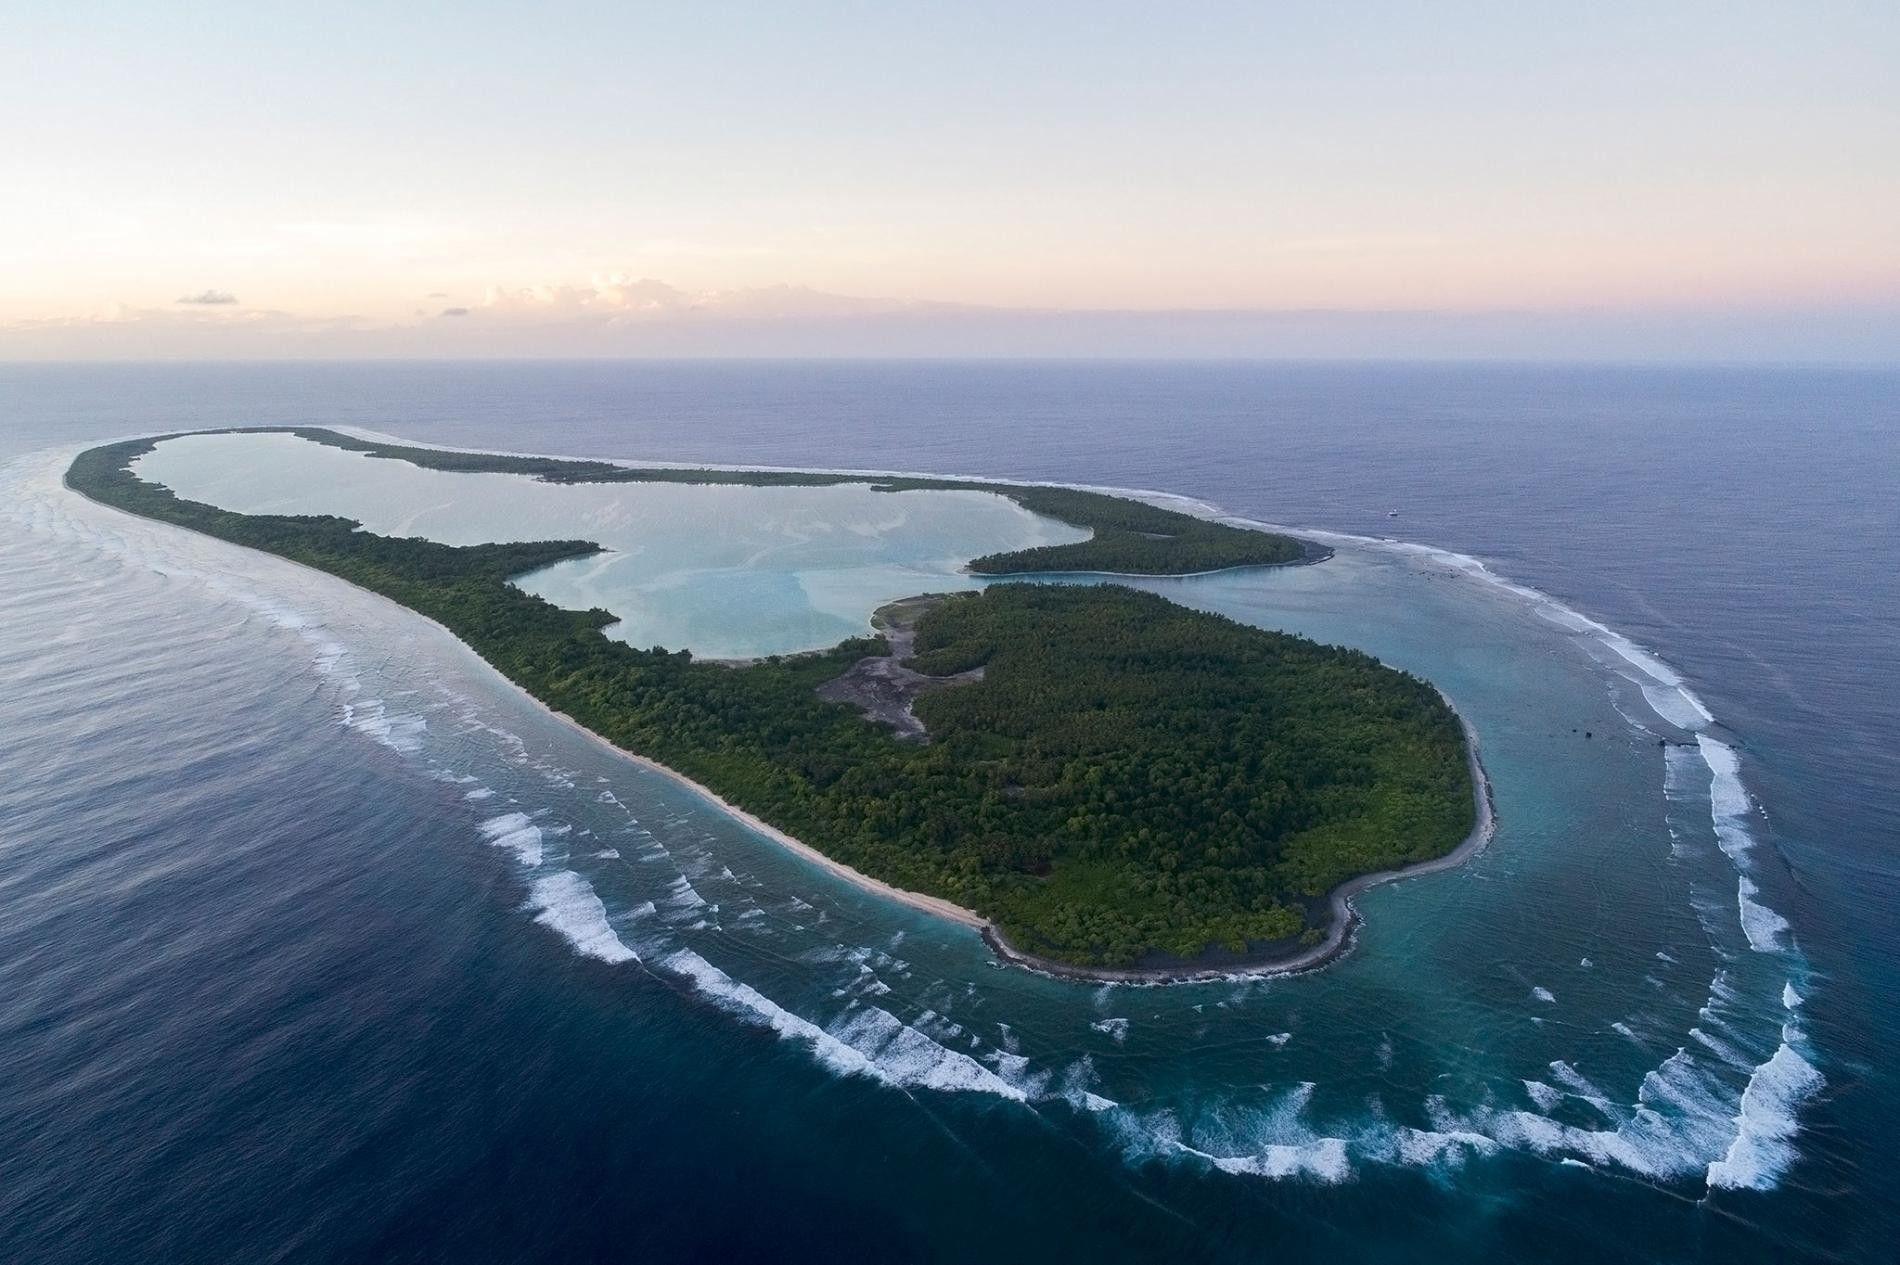 Uma vista aérea da ilha Nikumaroro, na República de Kiribati. Uma das teorias afirma que Amelia Earhart aterrou de emergência nesta ilha repleta de caranguejos-dos-coqueiros.